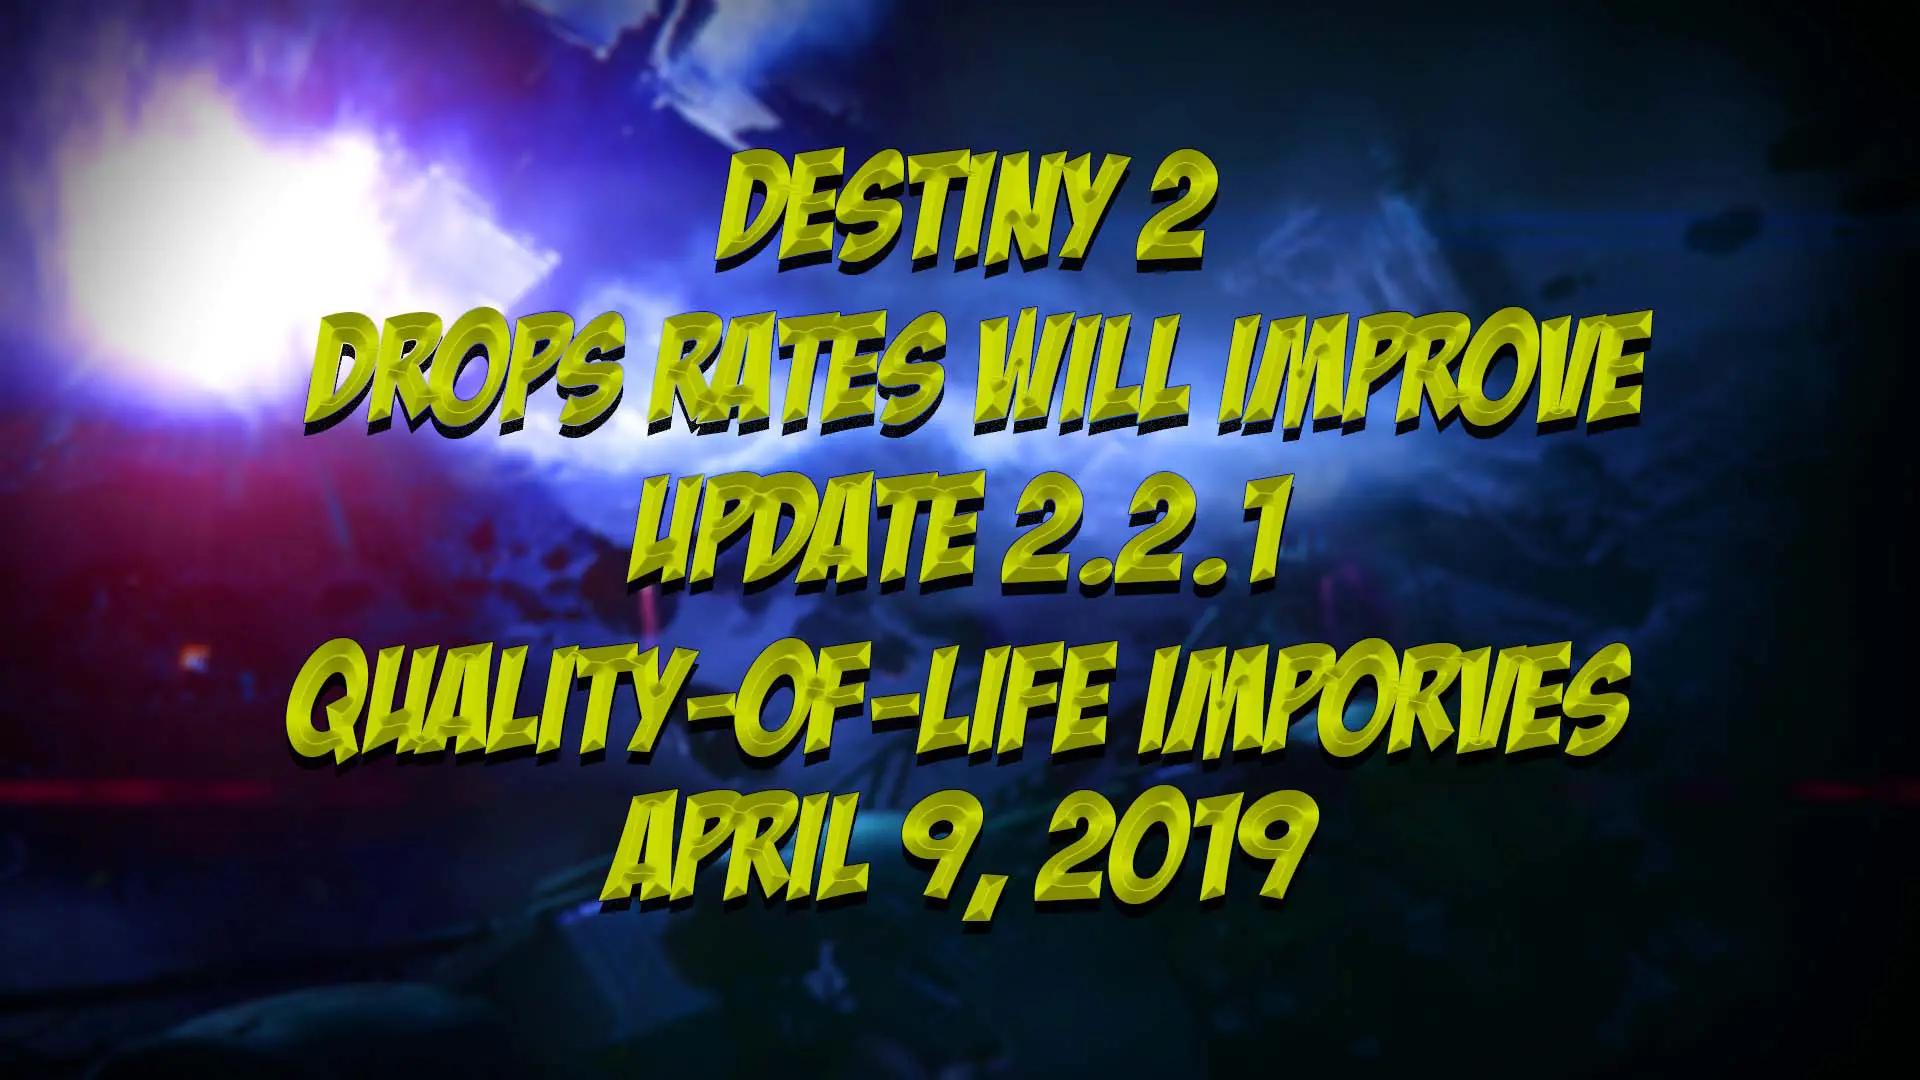 Destiny 2 Improves Quality of Life